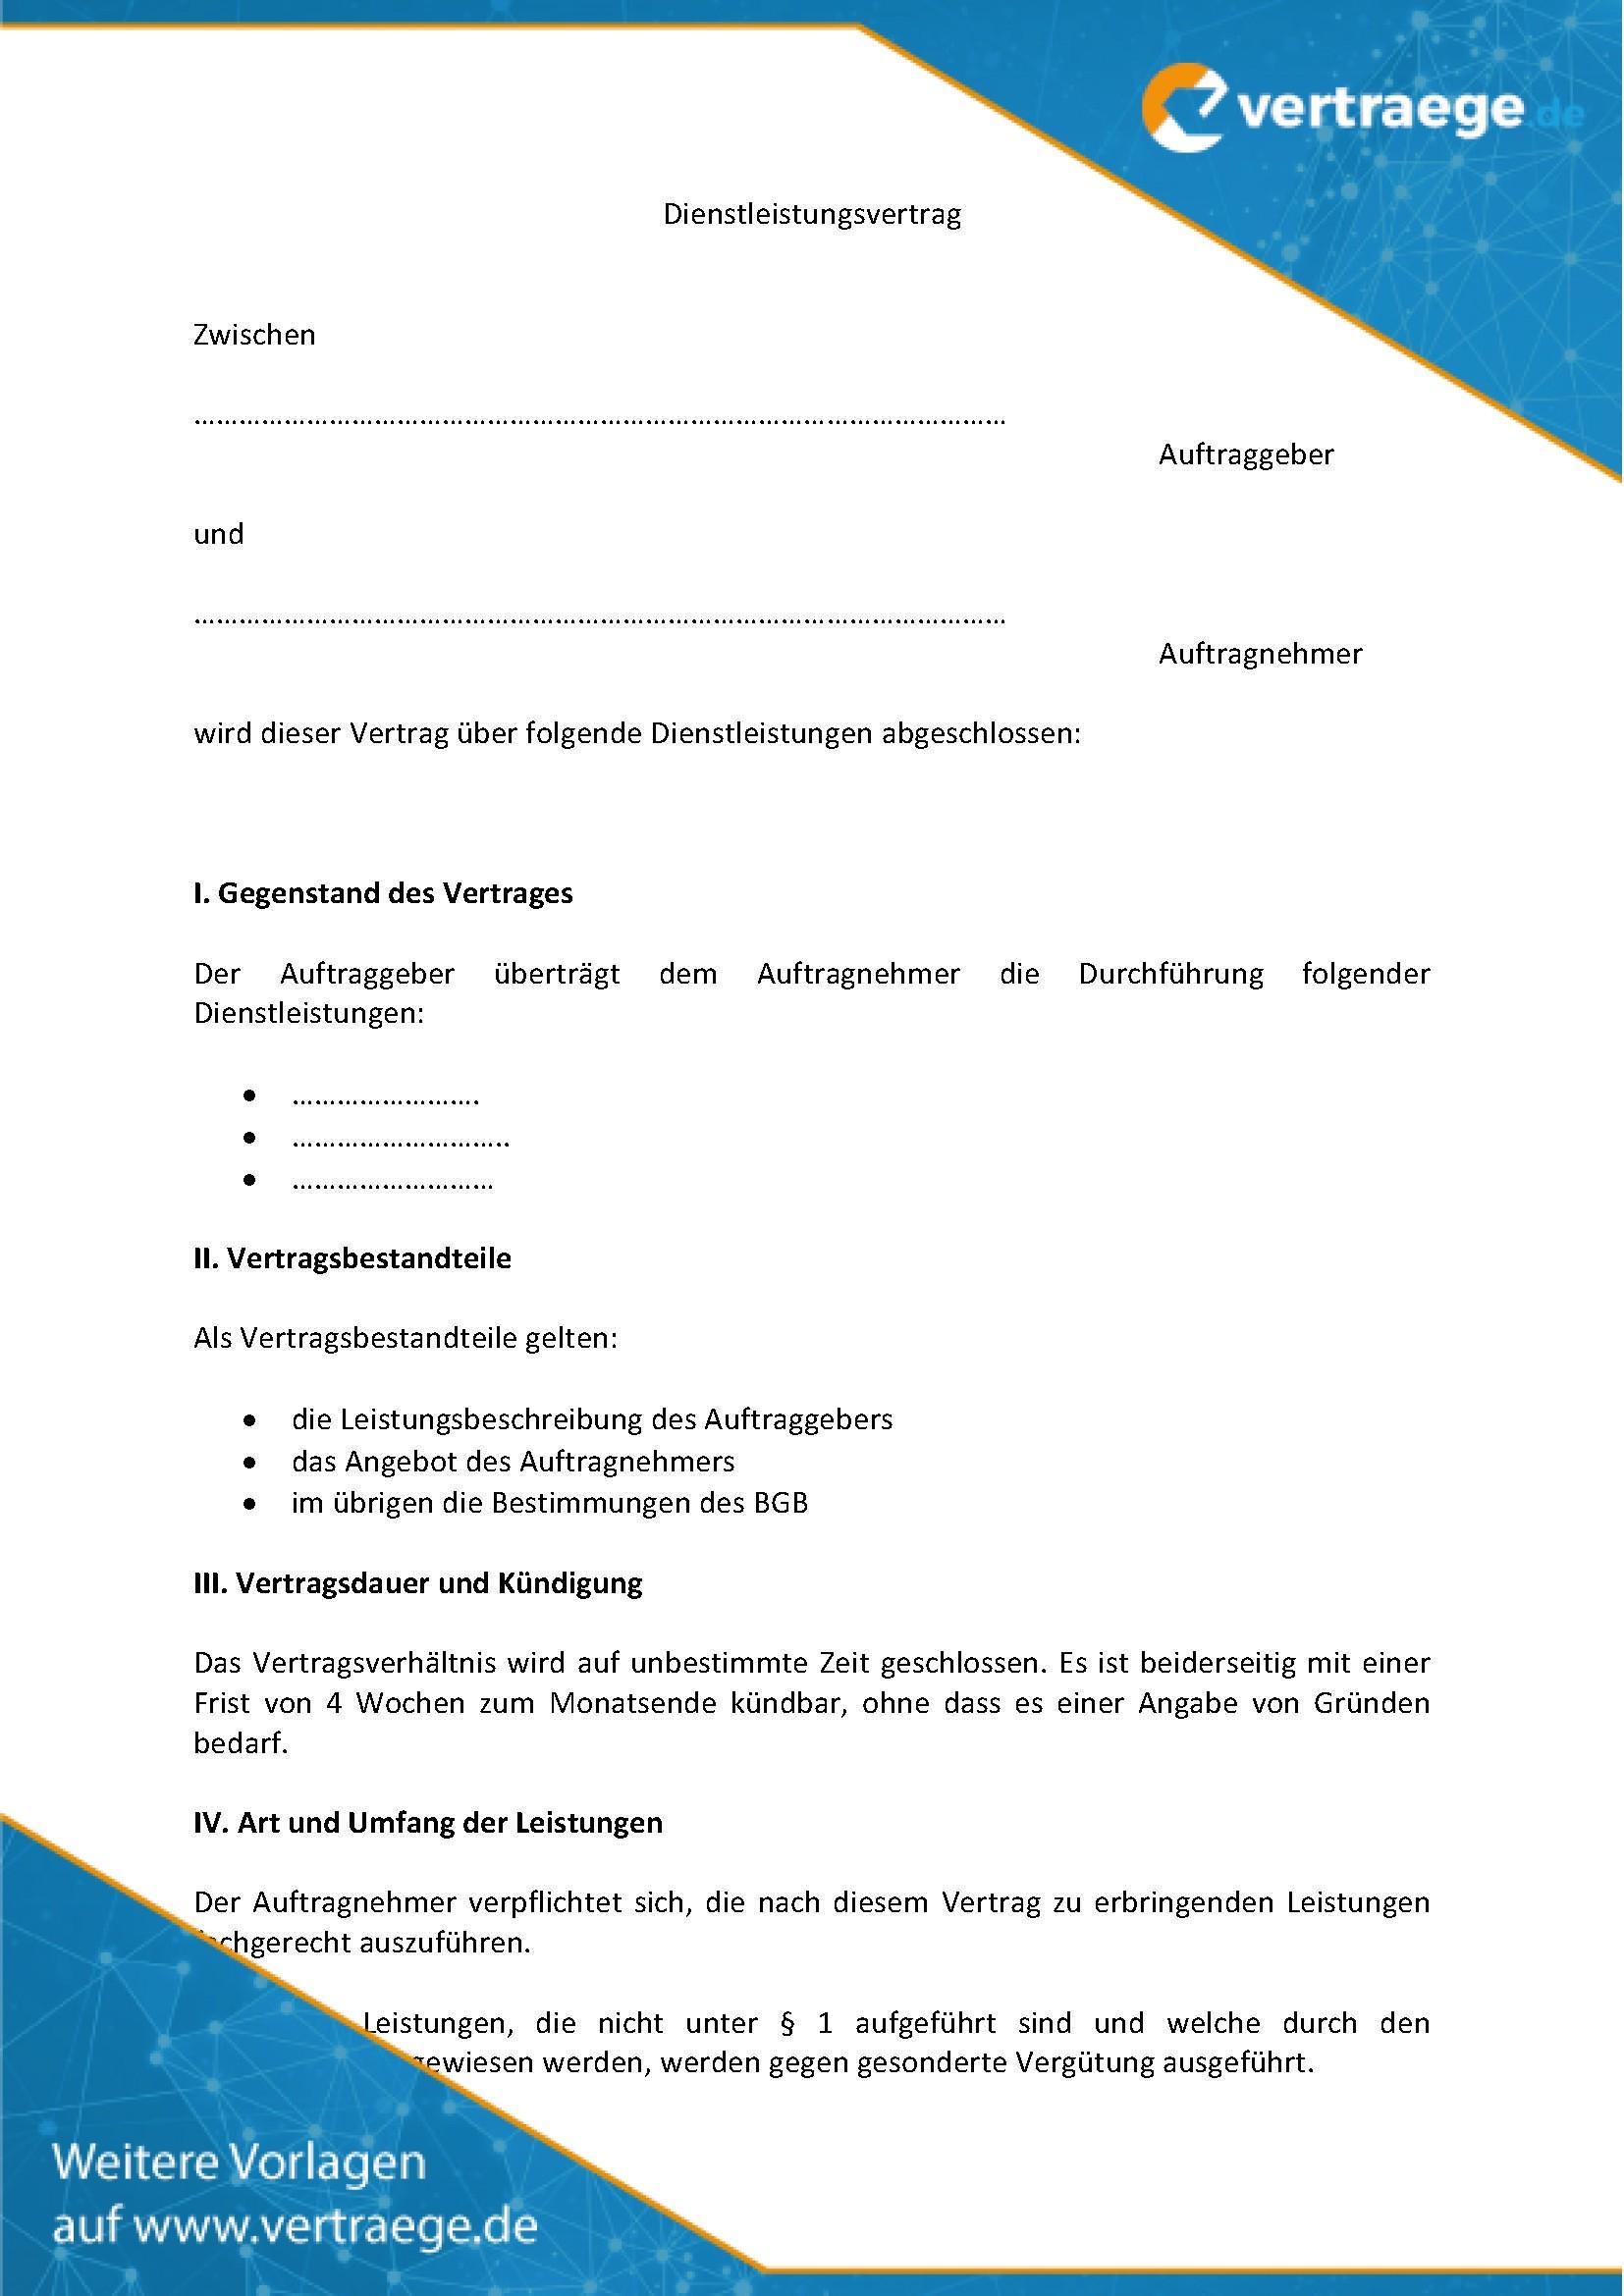 Muster Dienstleistungsvertrag